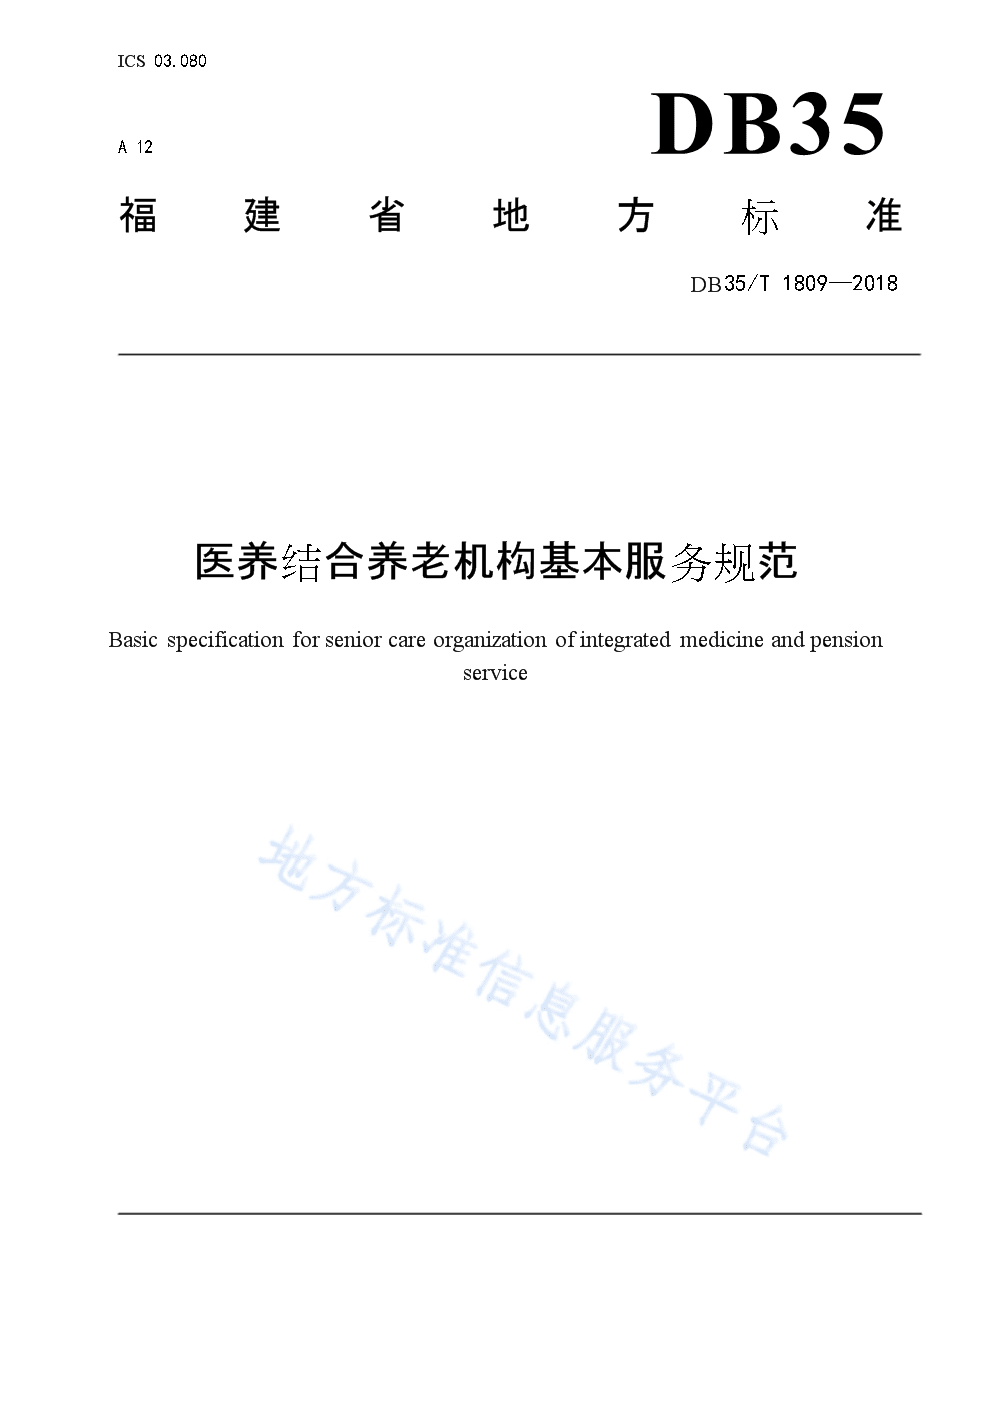 DB35_T 1809-2018医养结合养老机构基本服务规范.docx